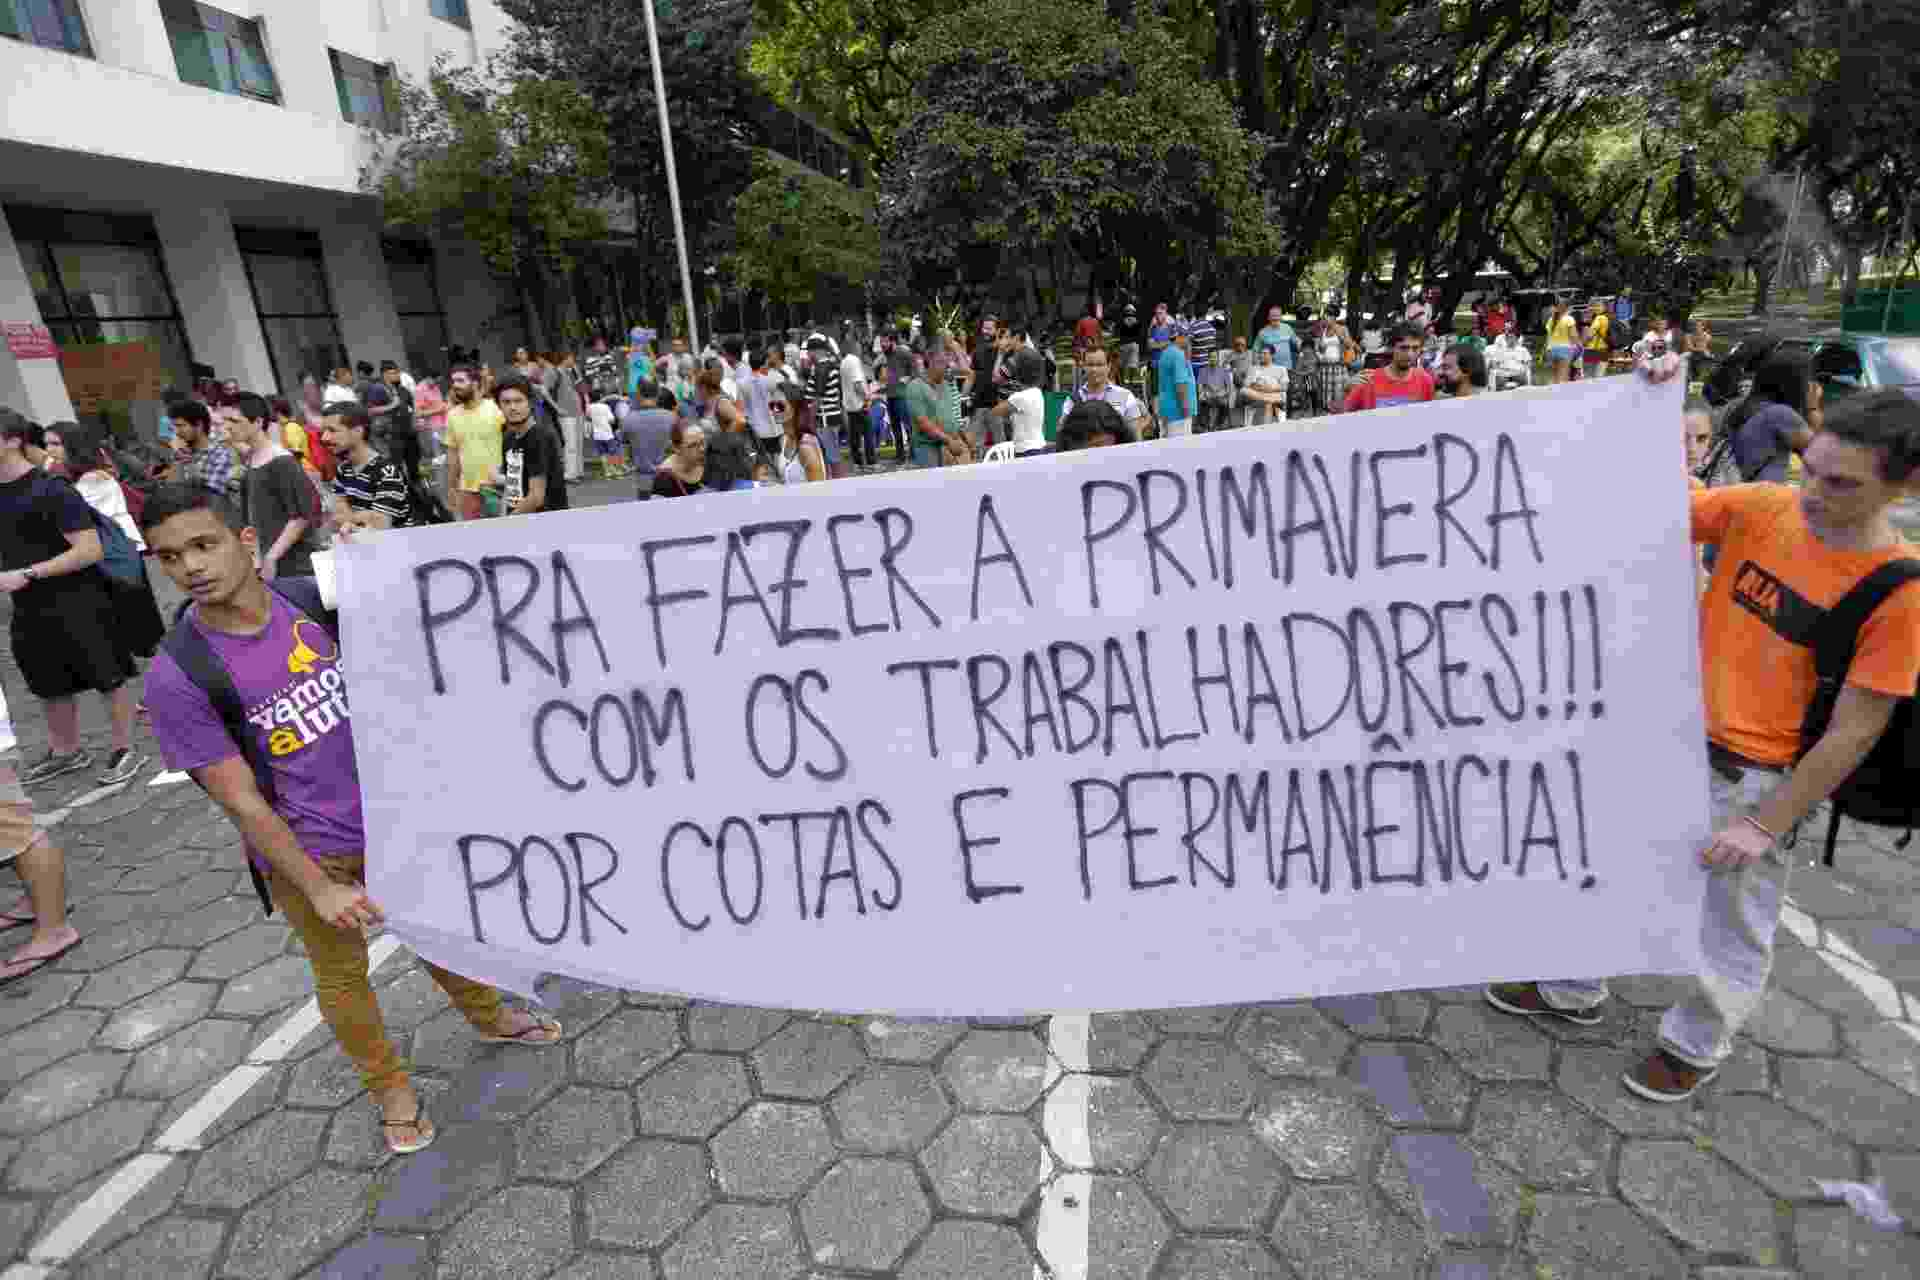 31.mar.2016 - Funcionários e estudantes da USP protestam contra o desmonte da universidade na manhã desta quinta-feira (31) - Newton Menezes/Futura Press/Estadão Conteúdo